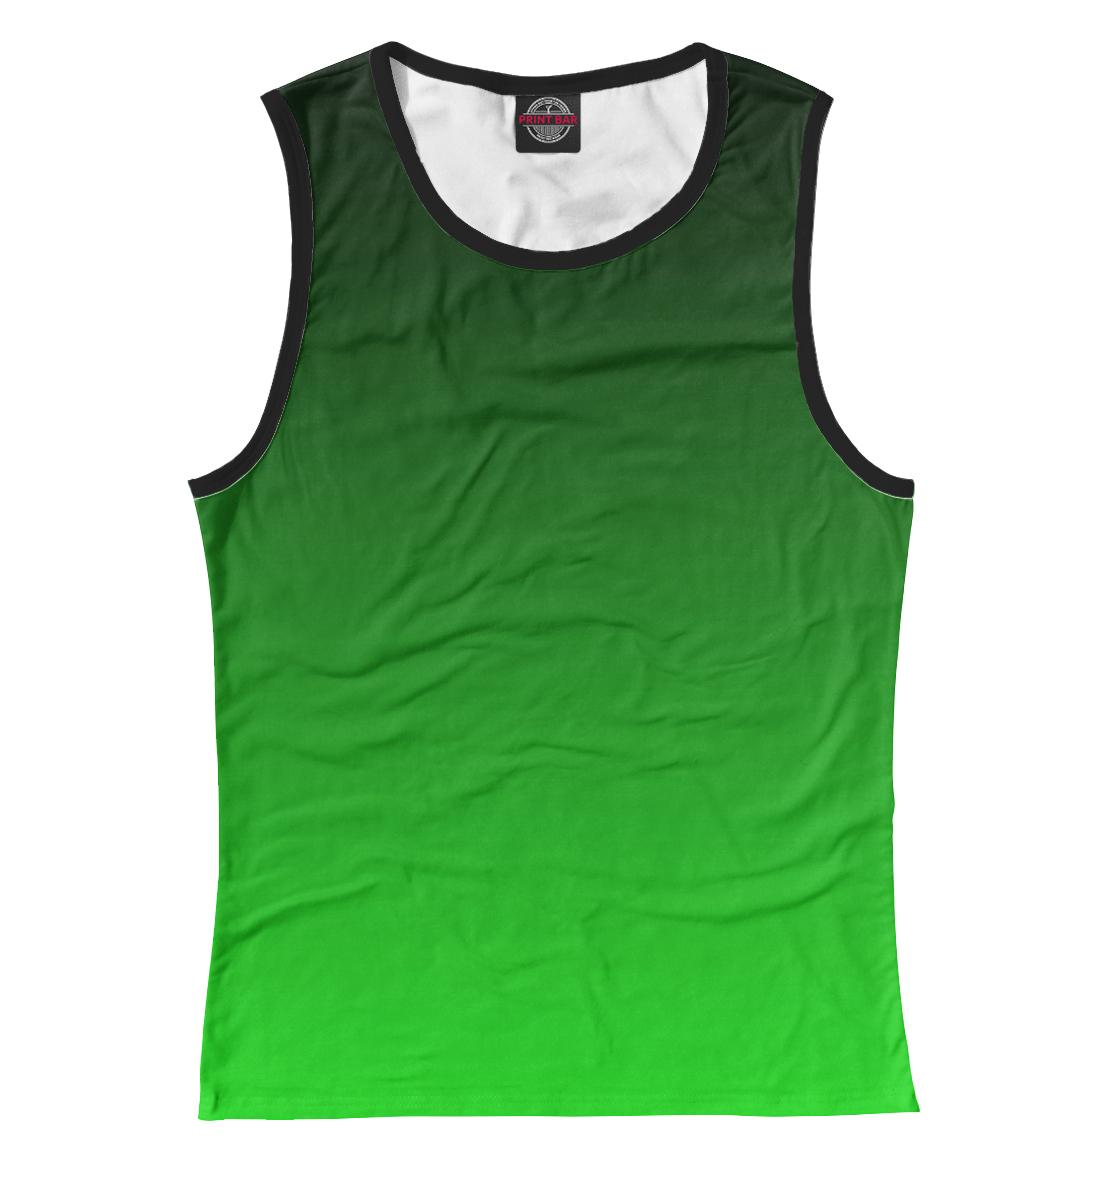 Купить Градиент Зеленый в Черный, Printbar, Майки, CLR-327769-may-1